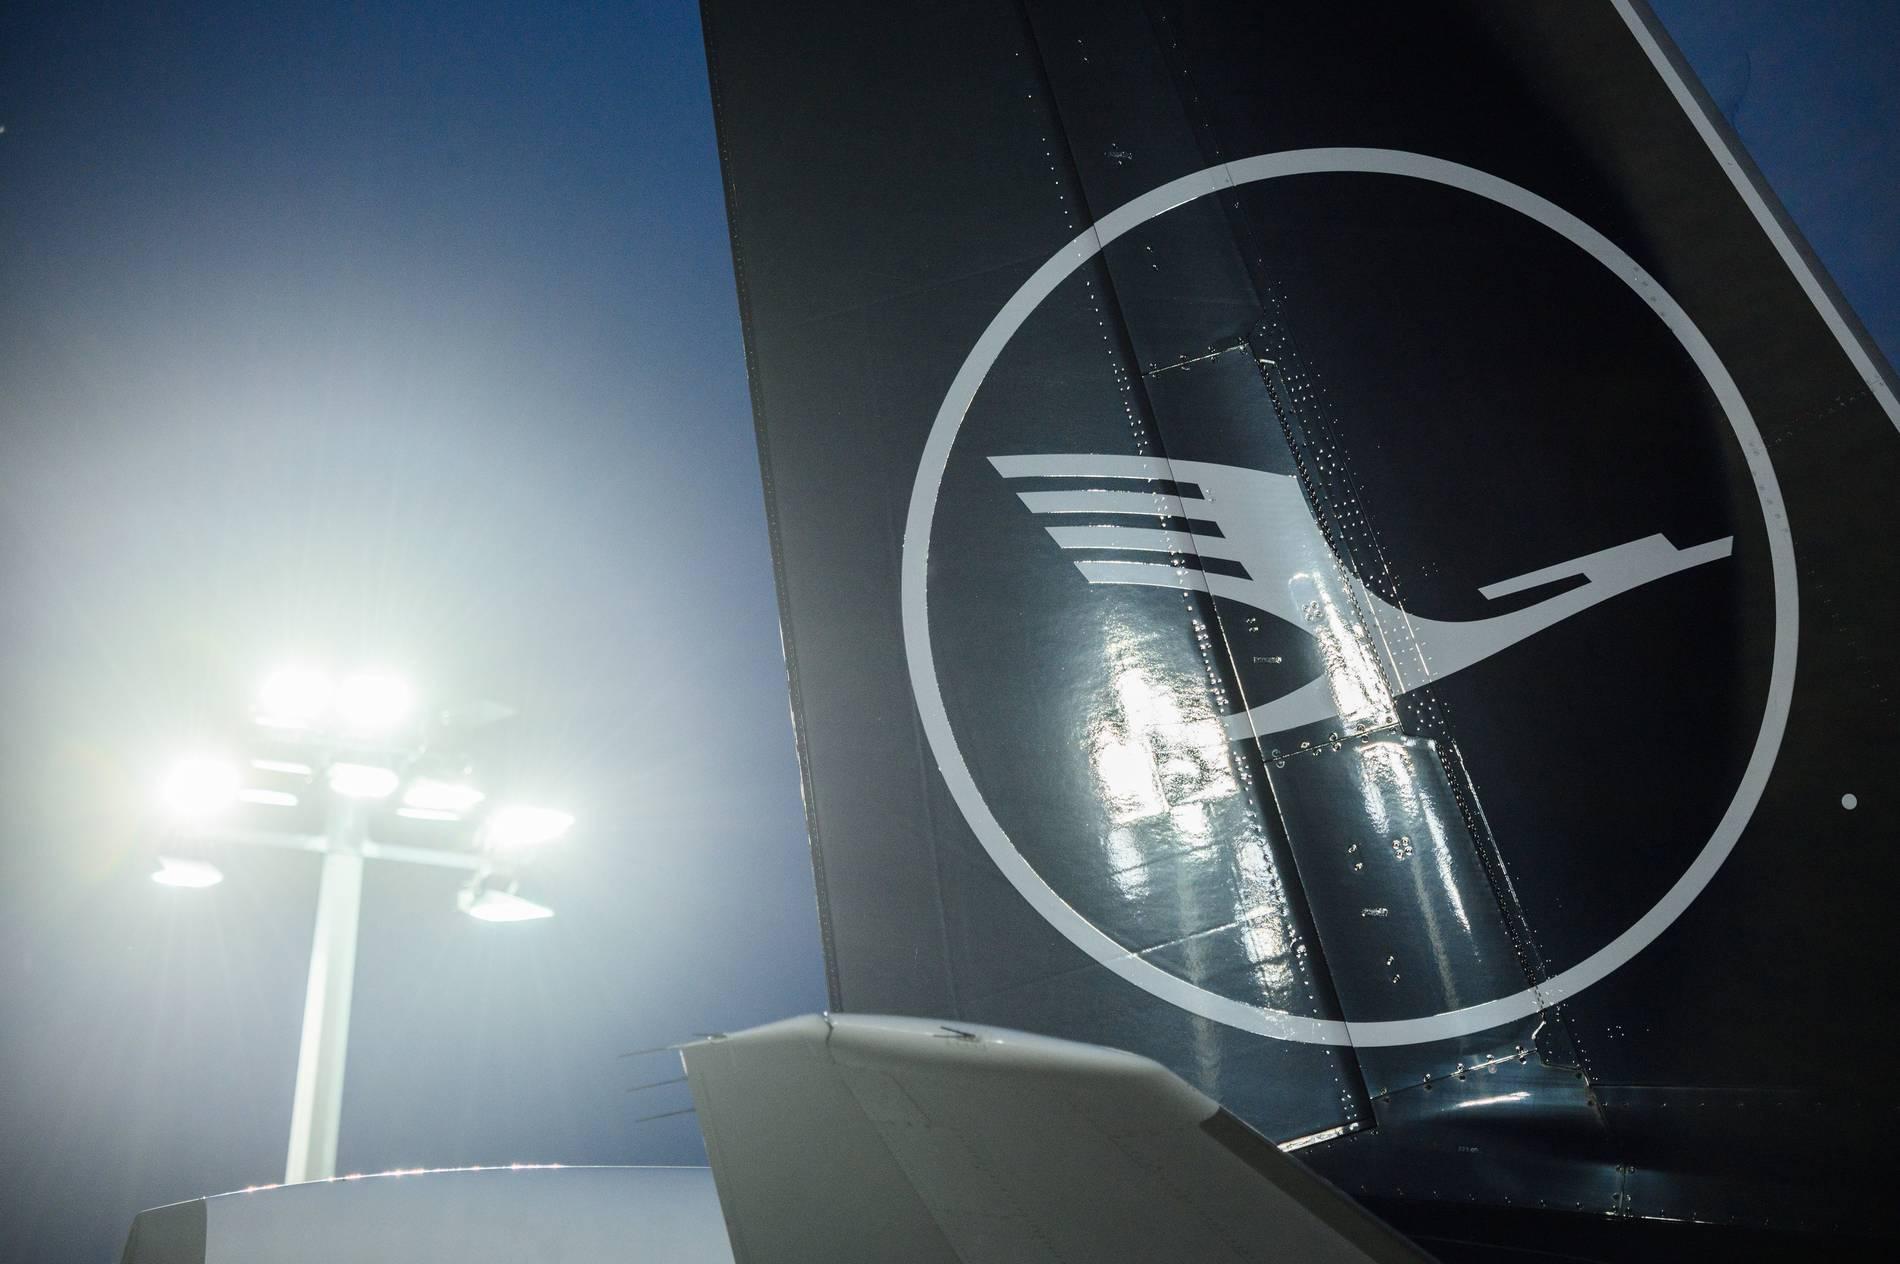 Angeschlagene Airline: Lufthansa einigt sich mit Piloten auf Sanierungsplan